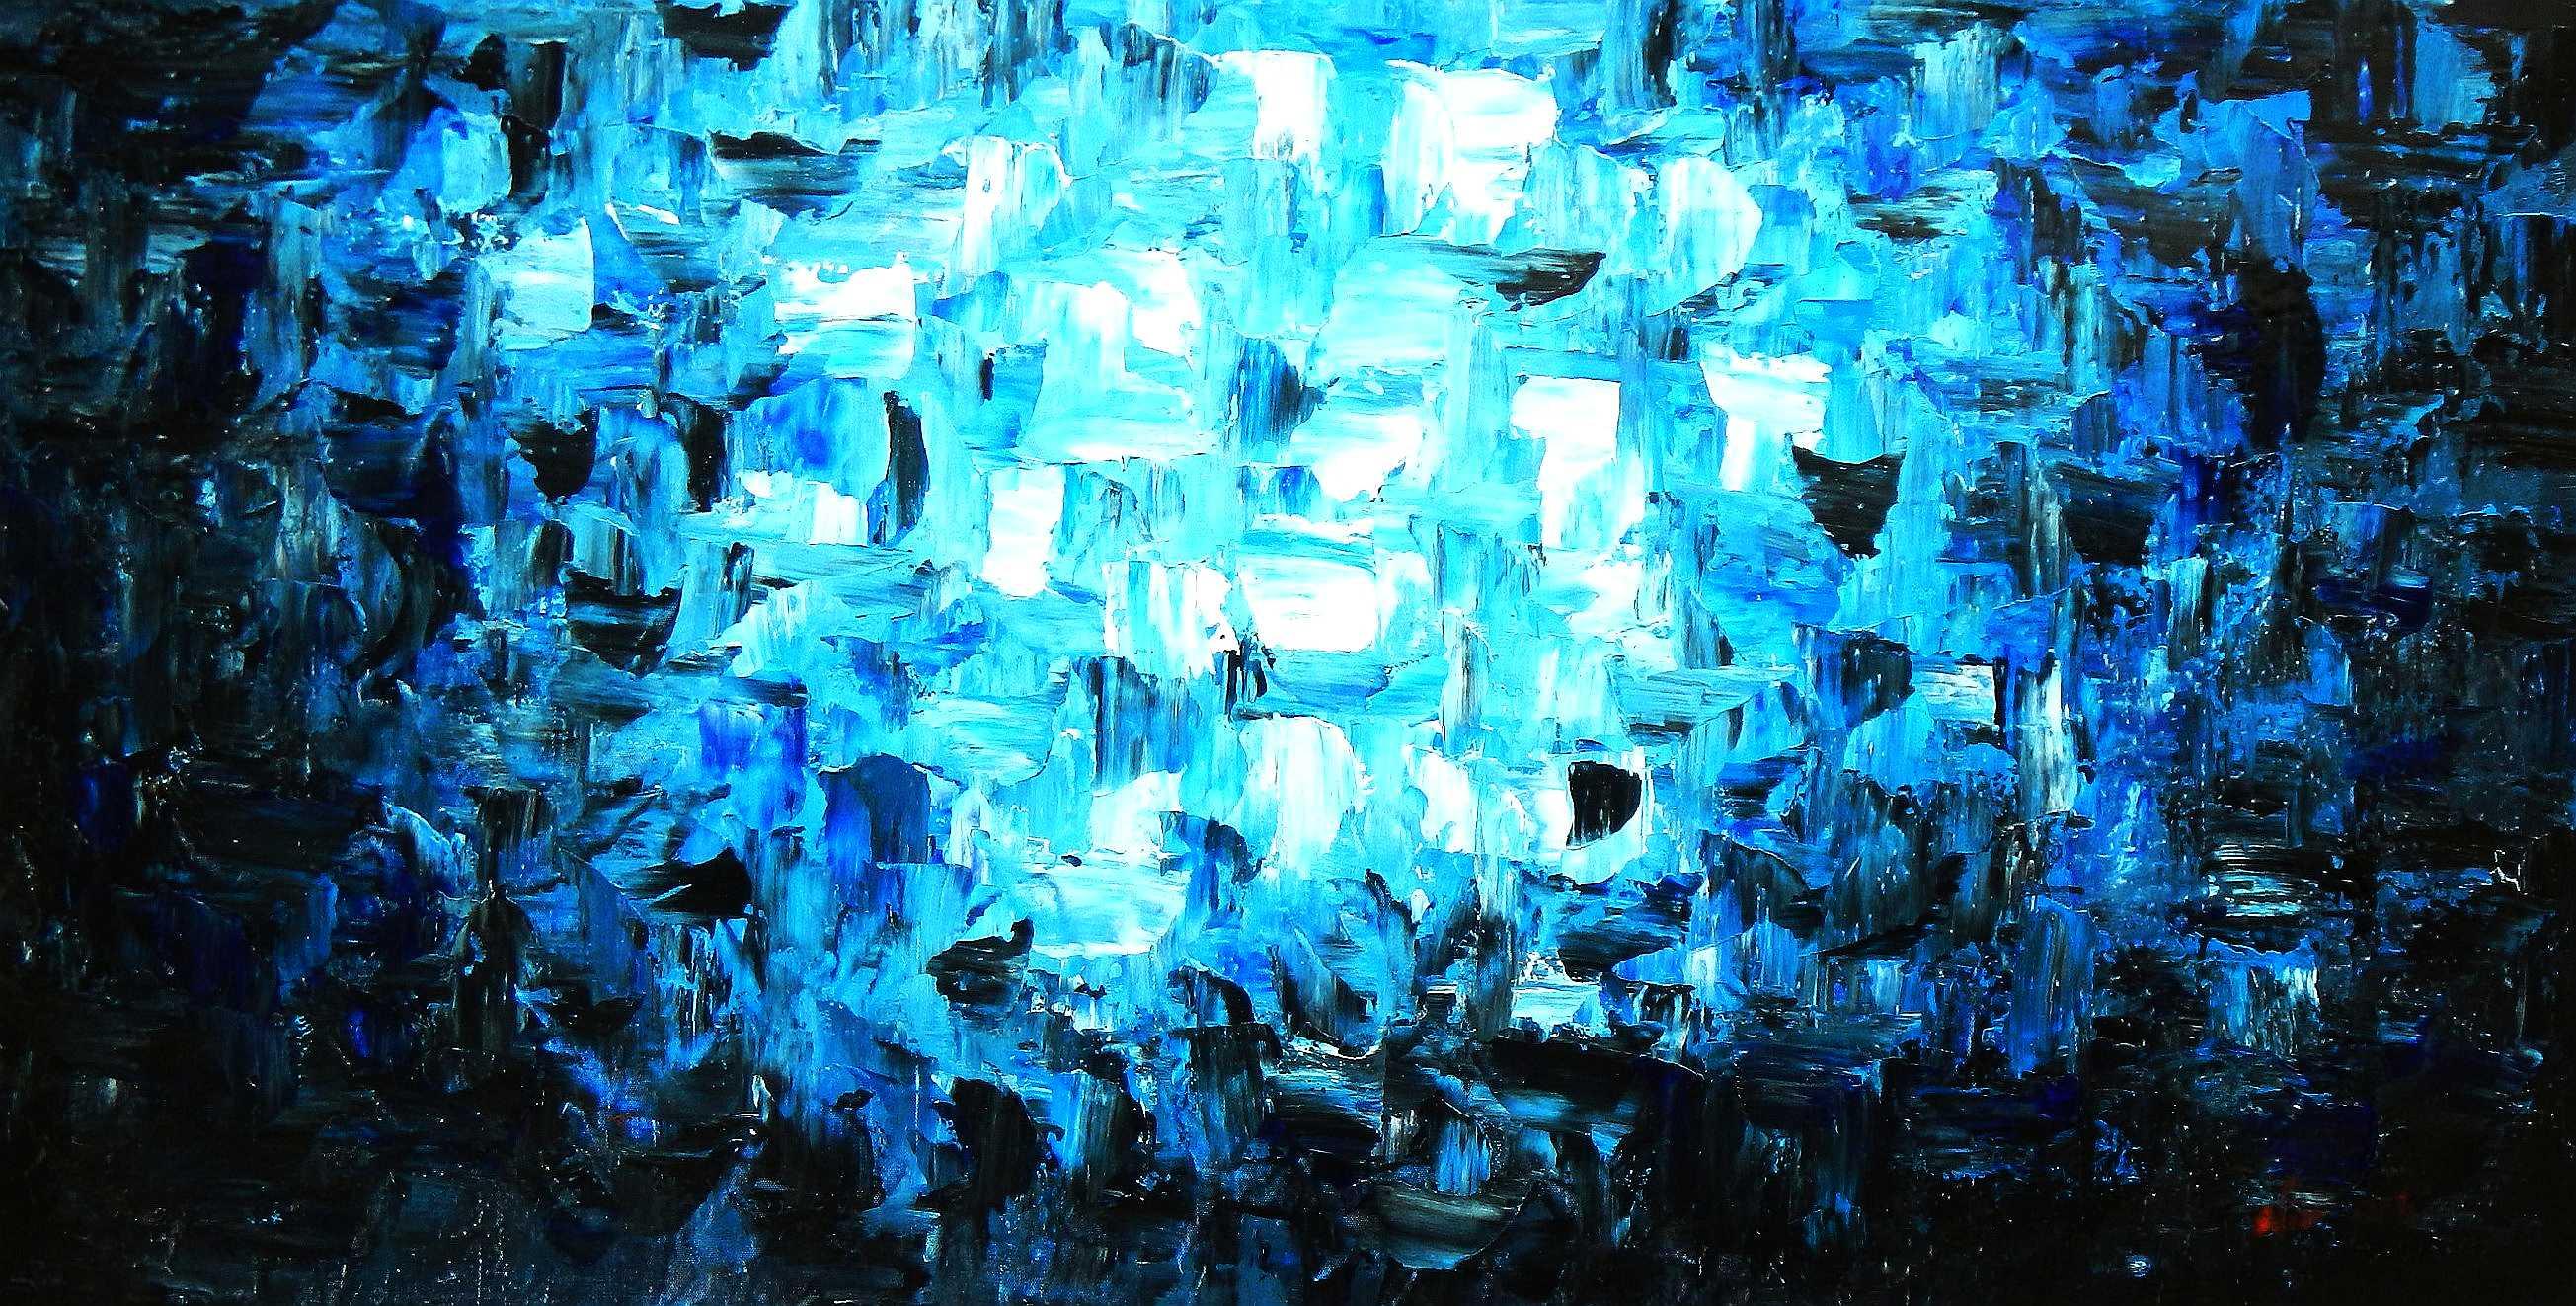 Abstrakt - Berlin am Wannsee f95847 60x120cm abstraktes Ölgemälde